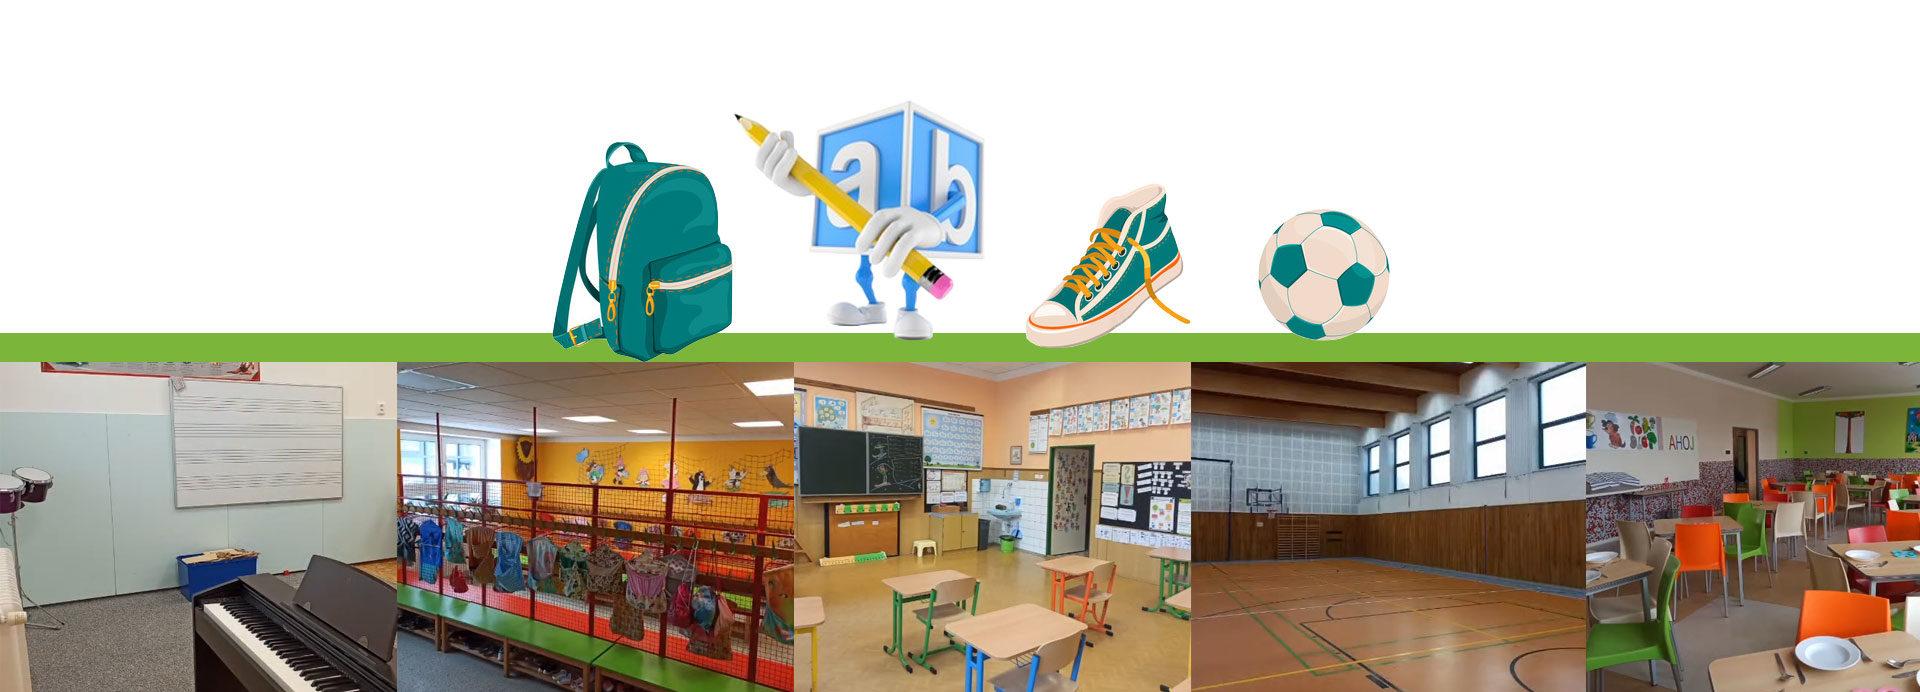 Základní škola Valdice